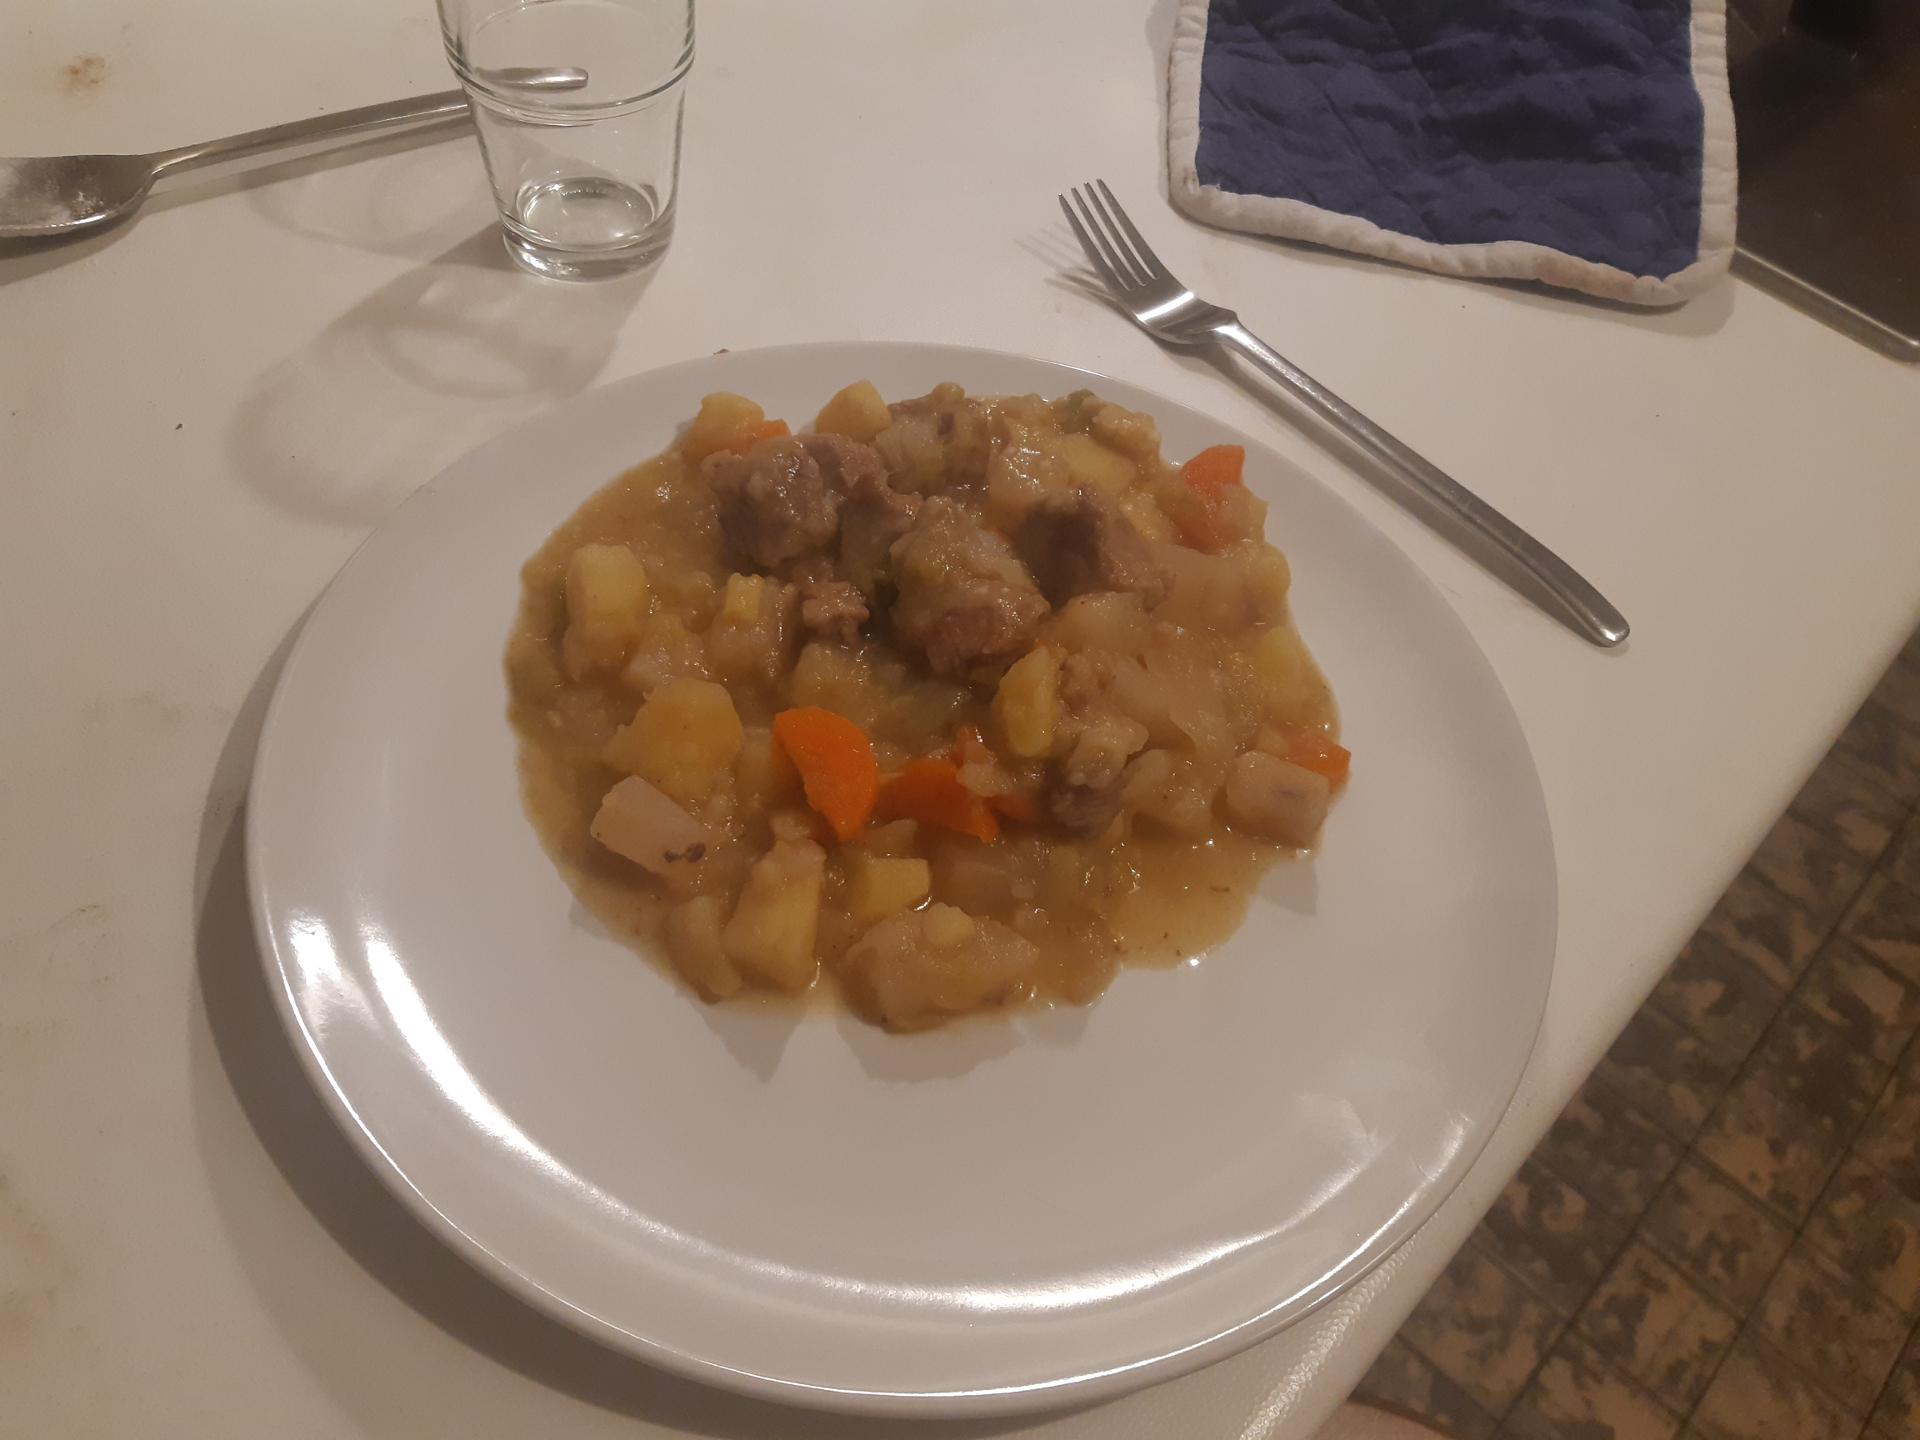 Ragout/Pot au feu boeuf  aux légumes (sans chamignons)